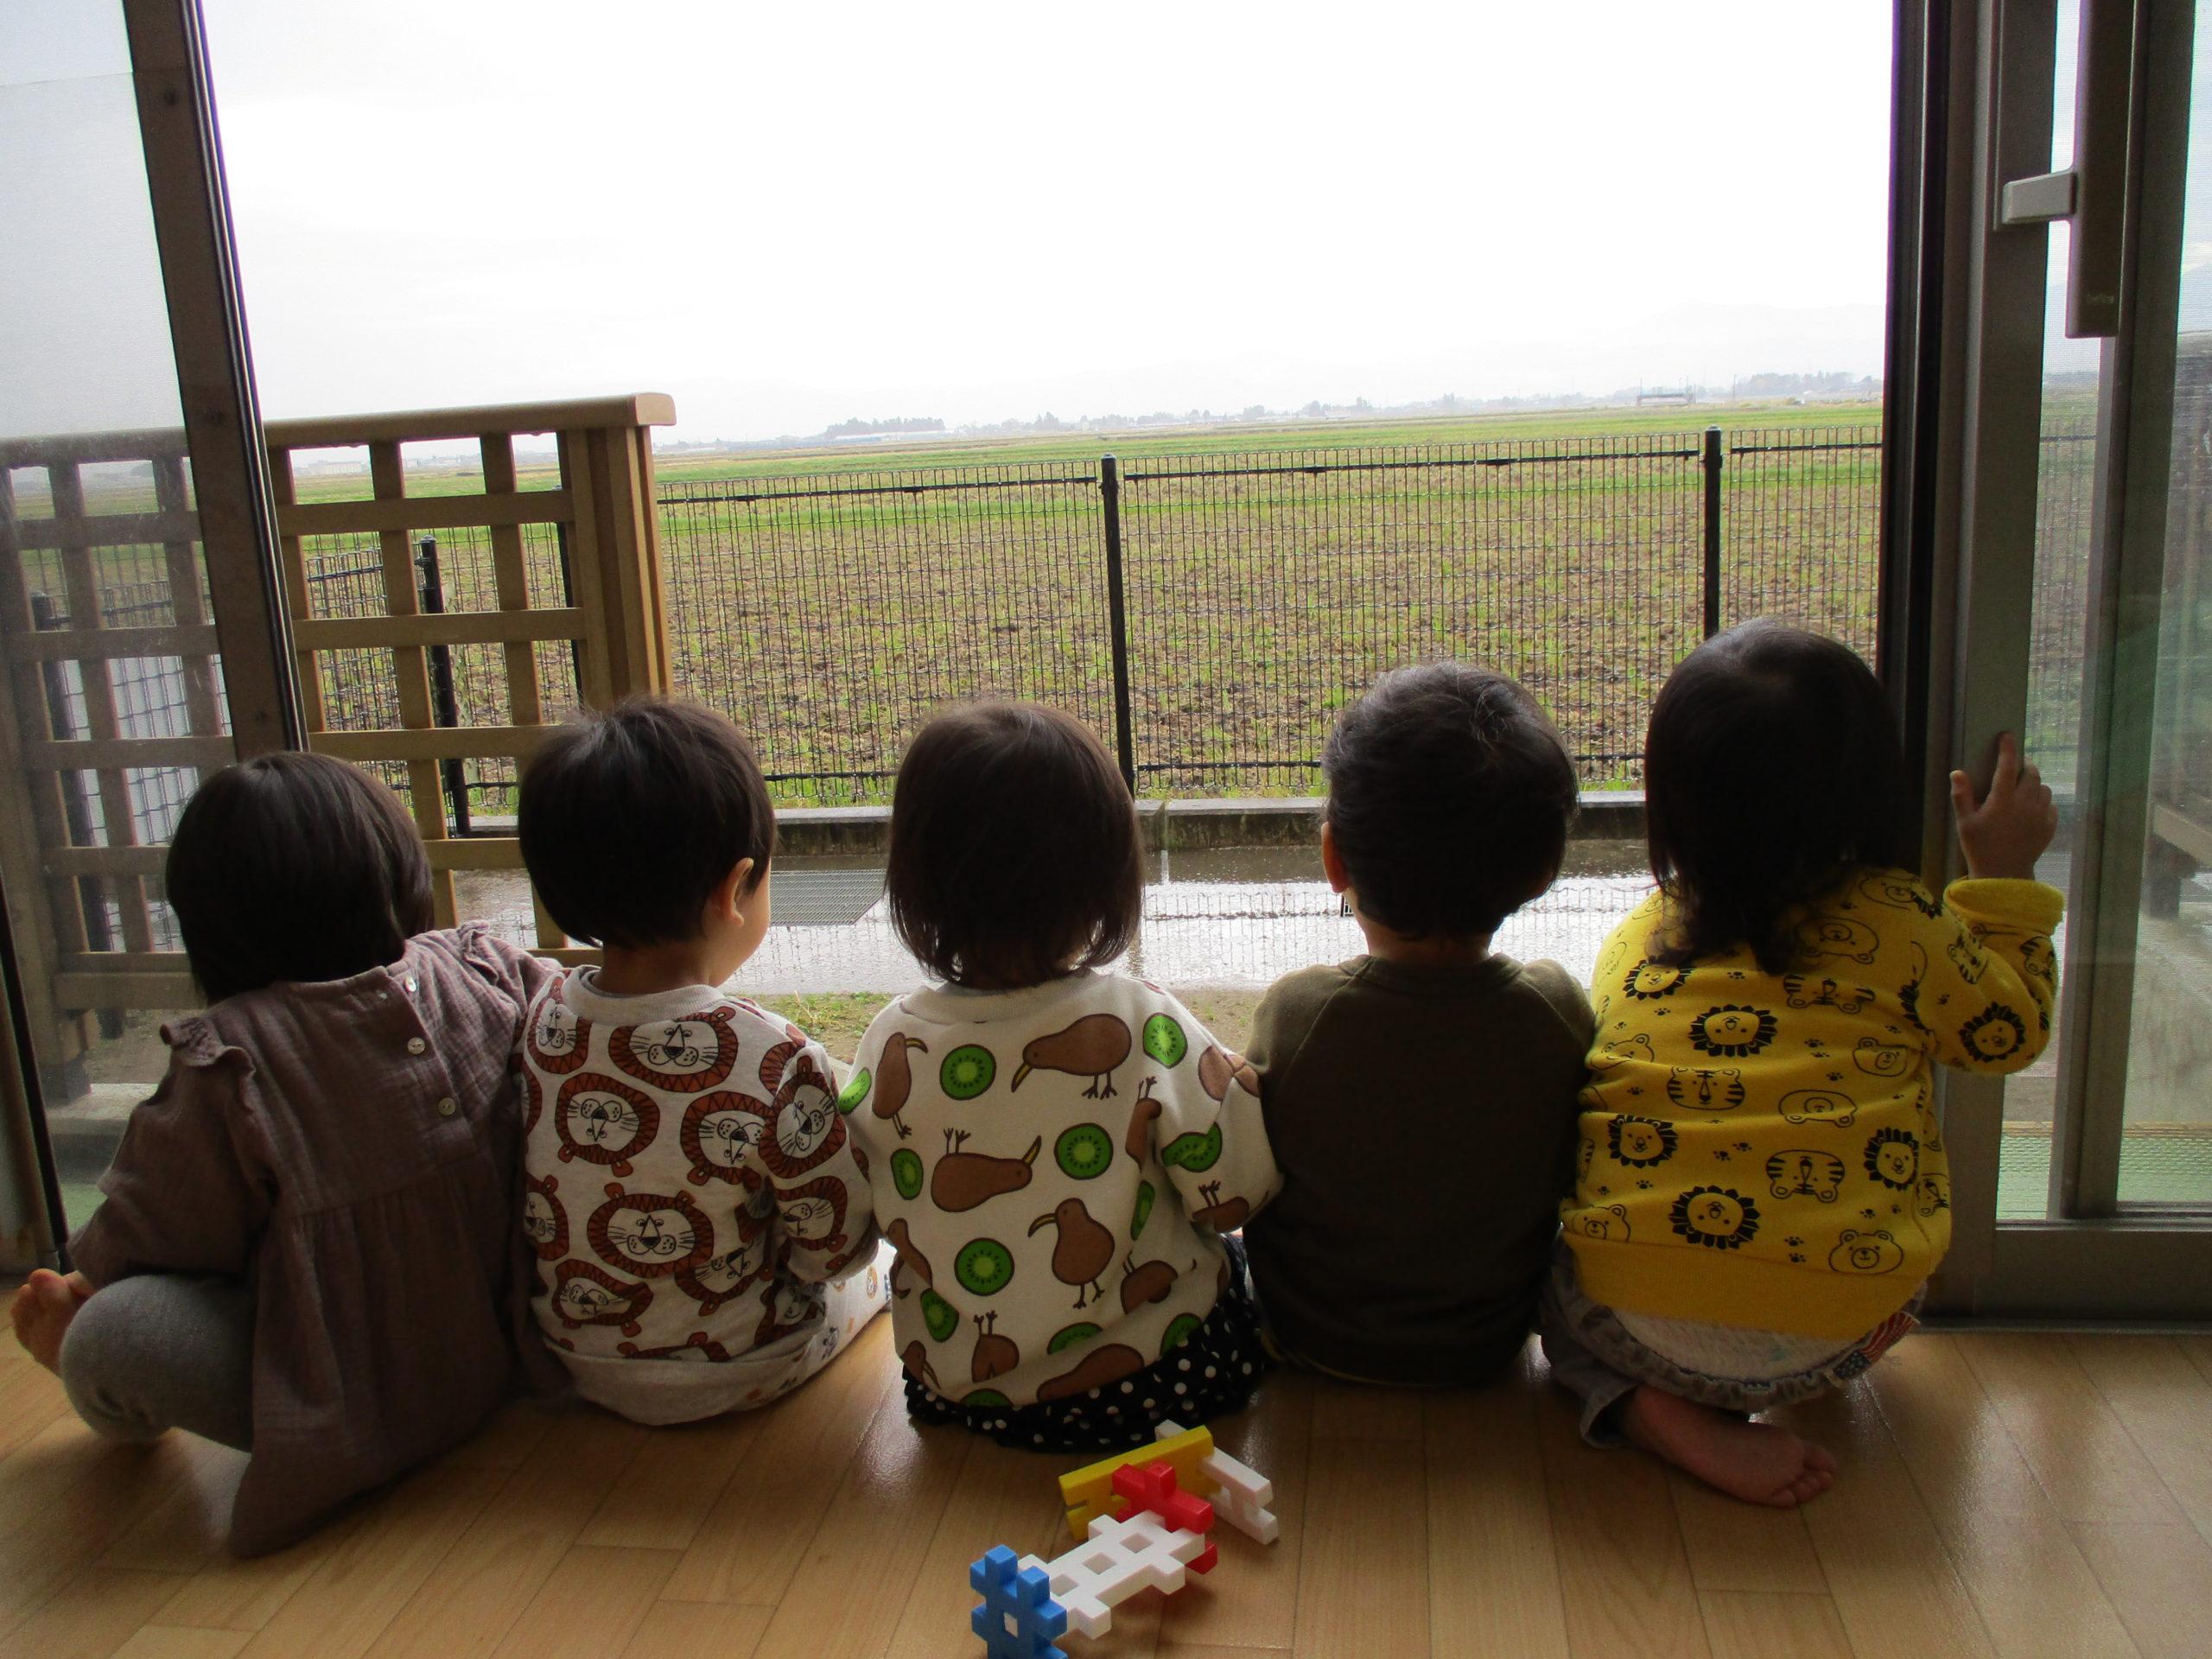 つぼみ組 今日も元気いっぱいです😆【白根そよ風保育園】